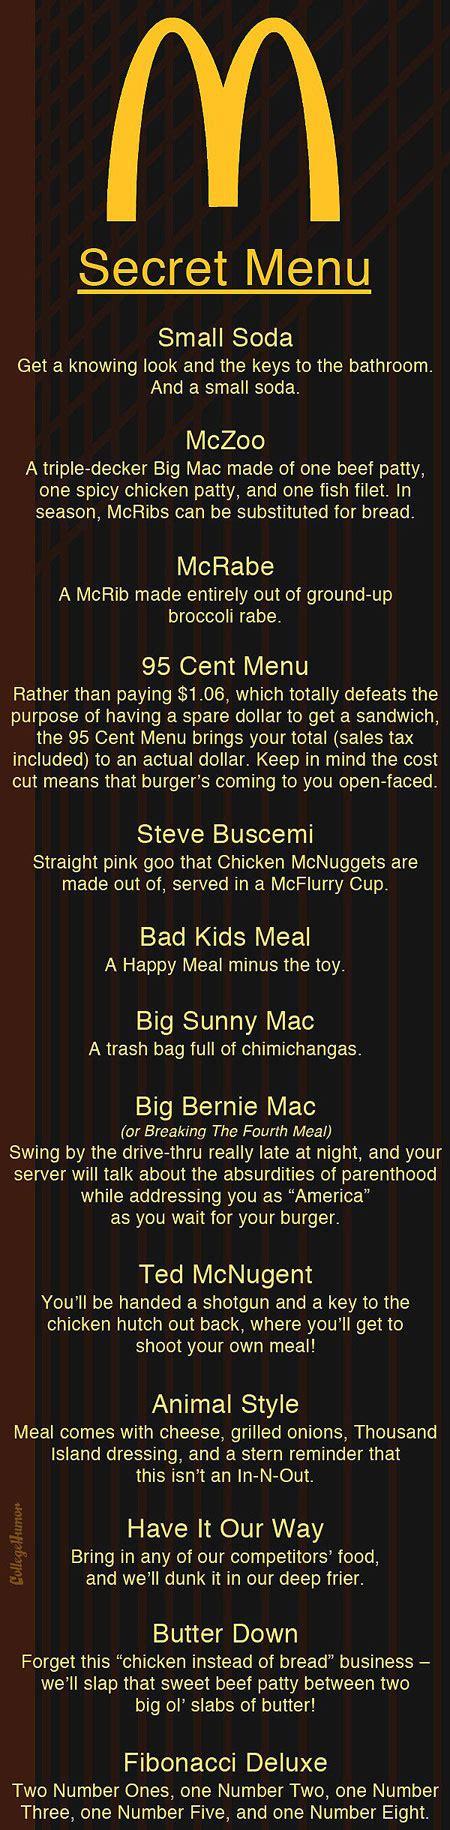 secret menu 3 secret restaurant menus you probably don t want to try